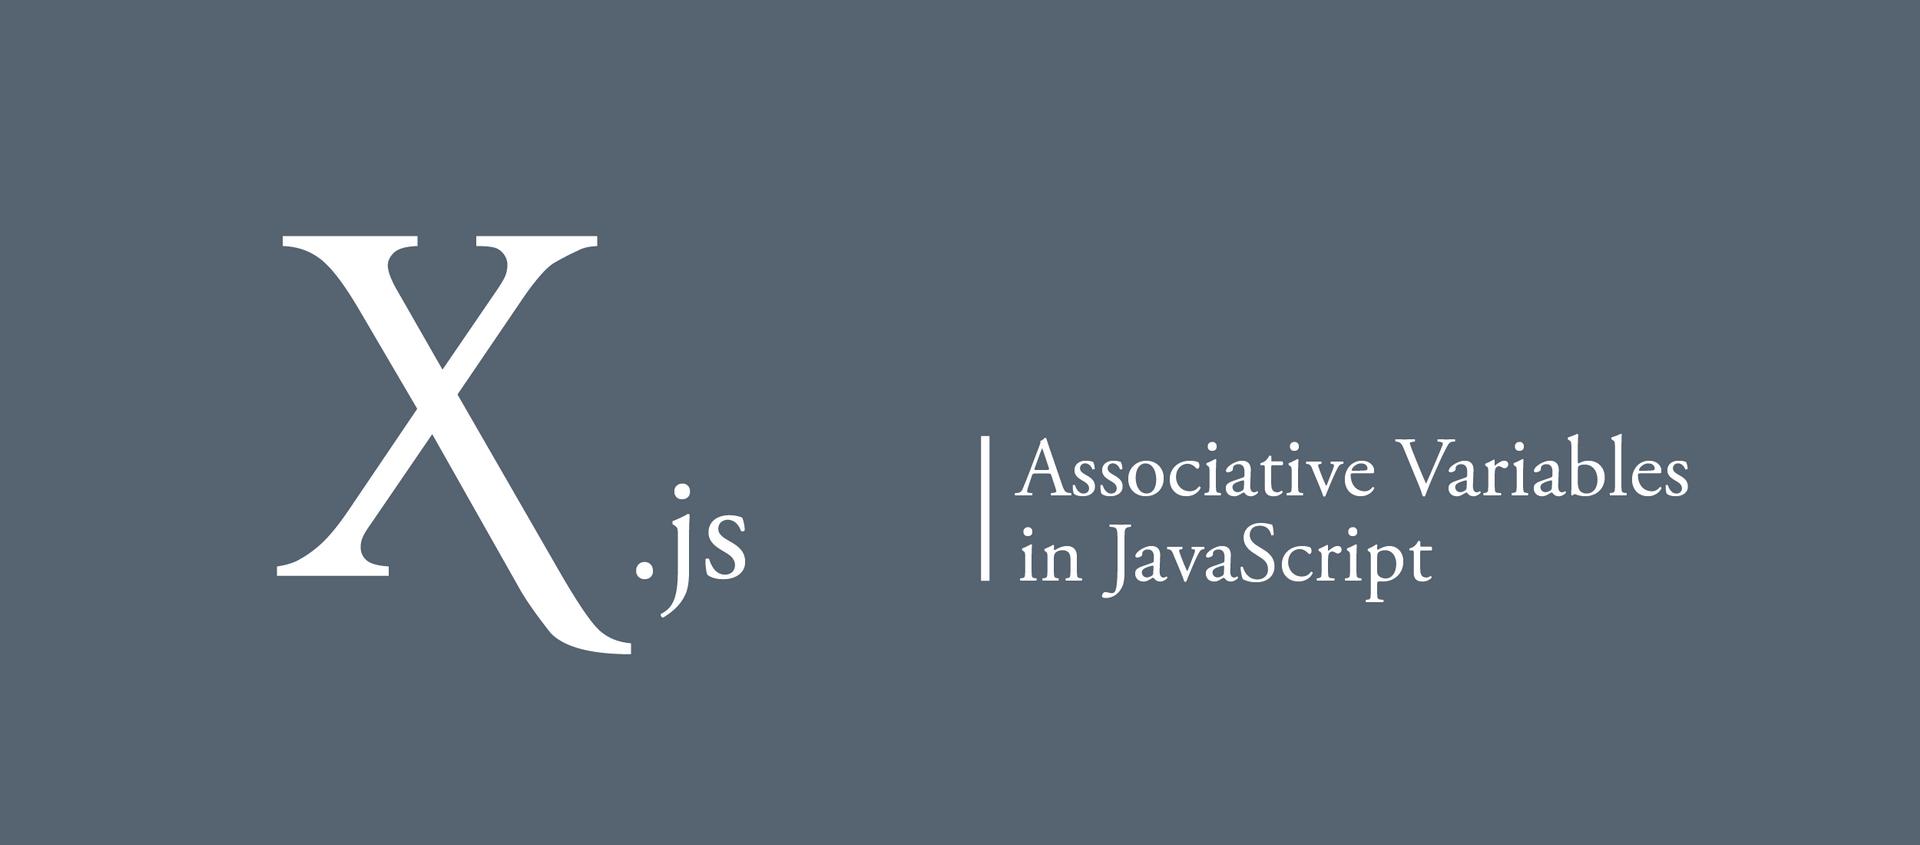 X.js | Associative Variables in JavaScript